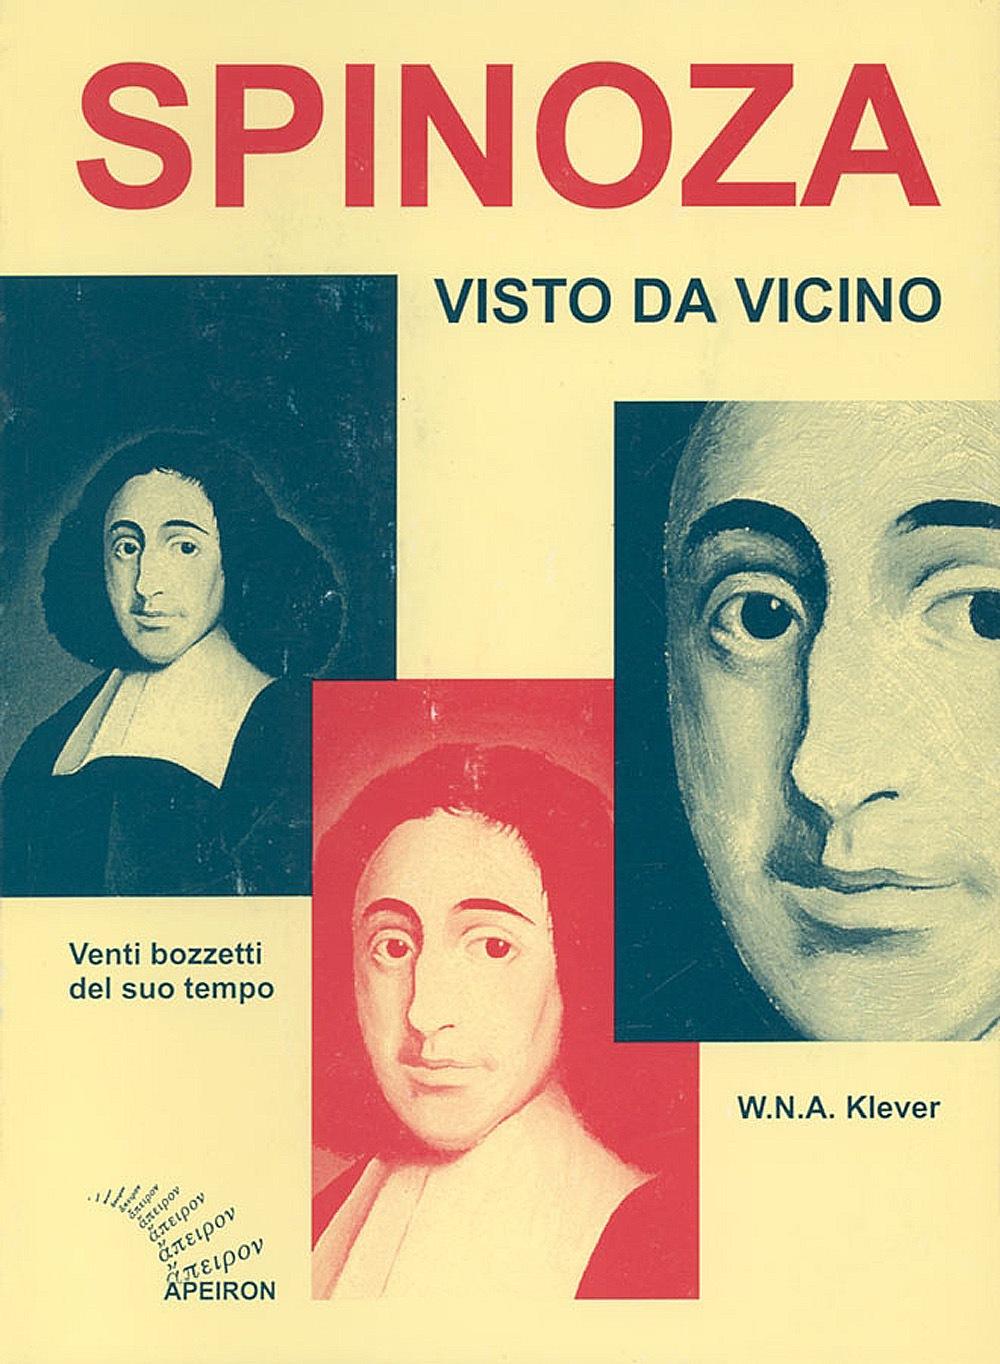 Spinoza visto da vicino. Venti bozzetti del suo tempo